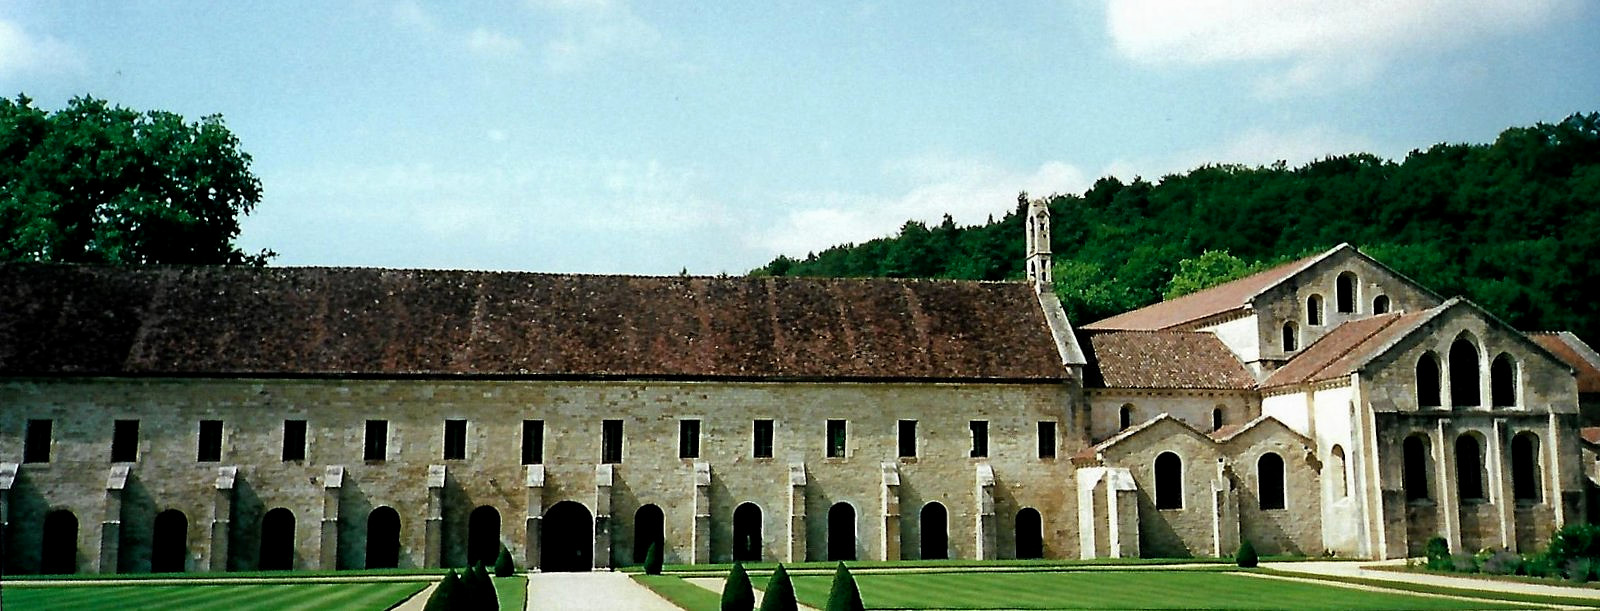 Abtei von Fontenay - Burgund